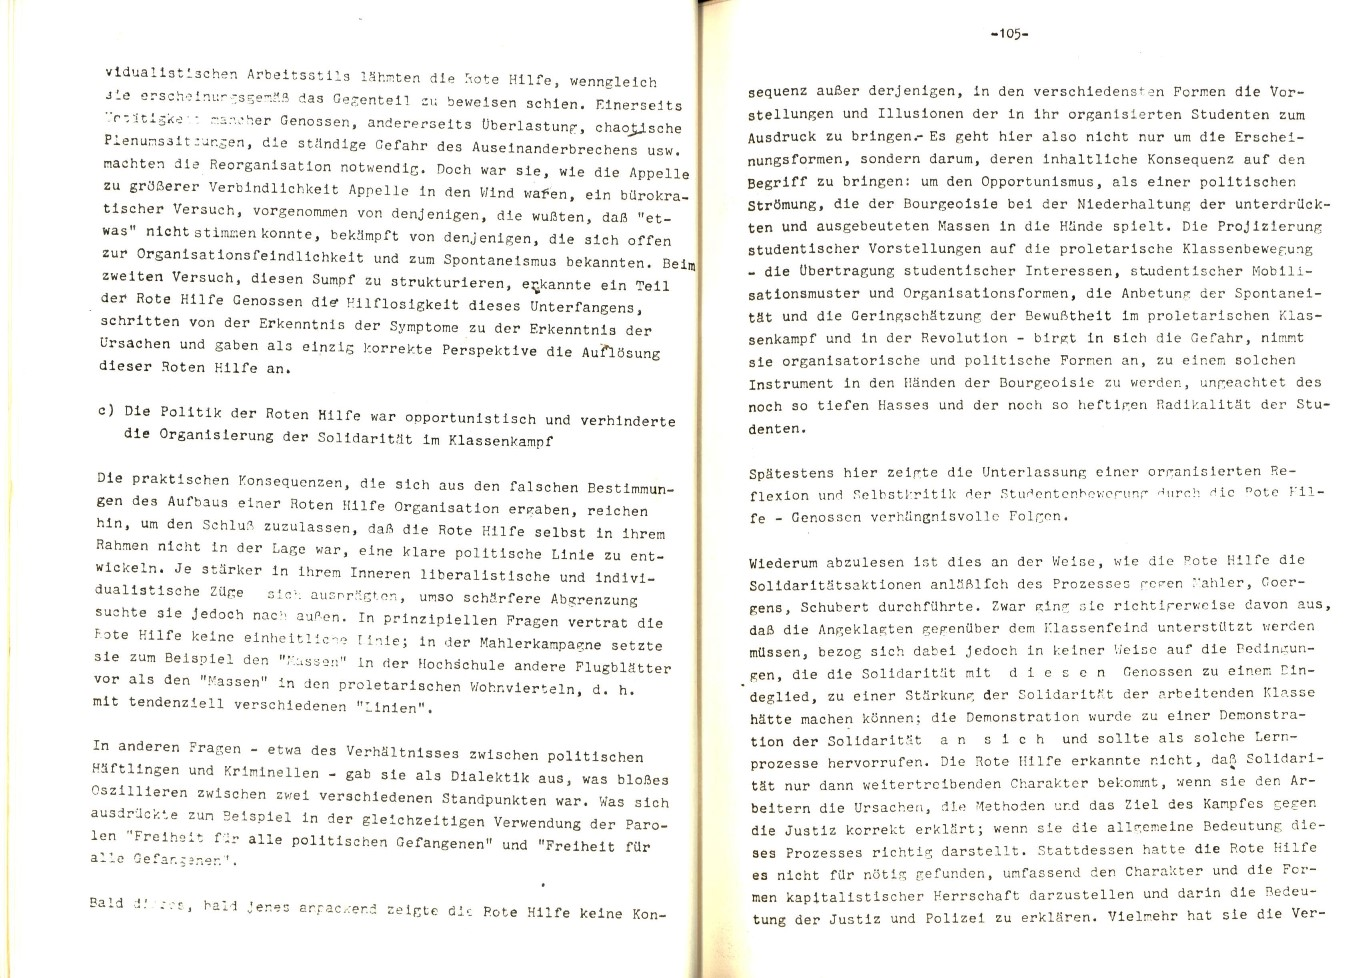 PLPI_1971_Aufloesung_55